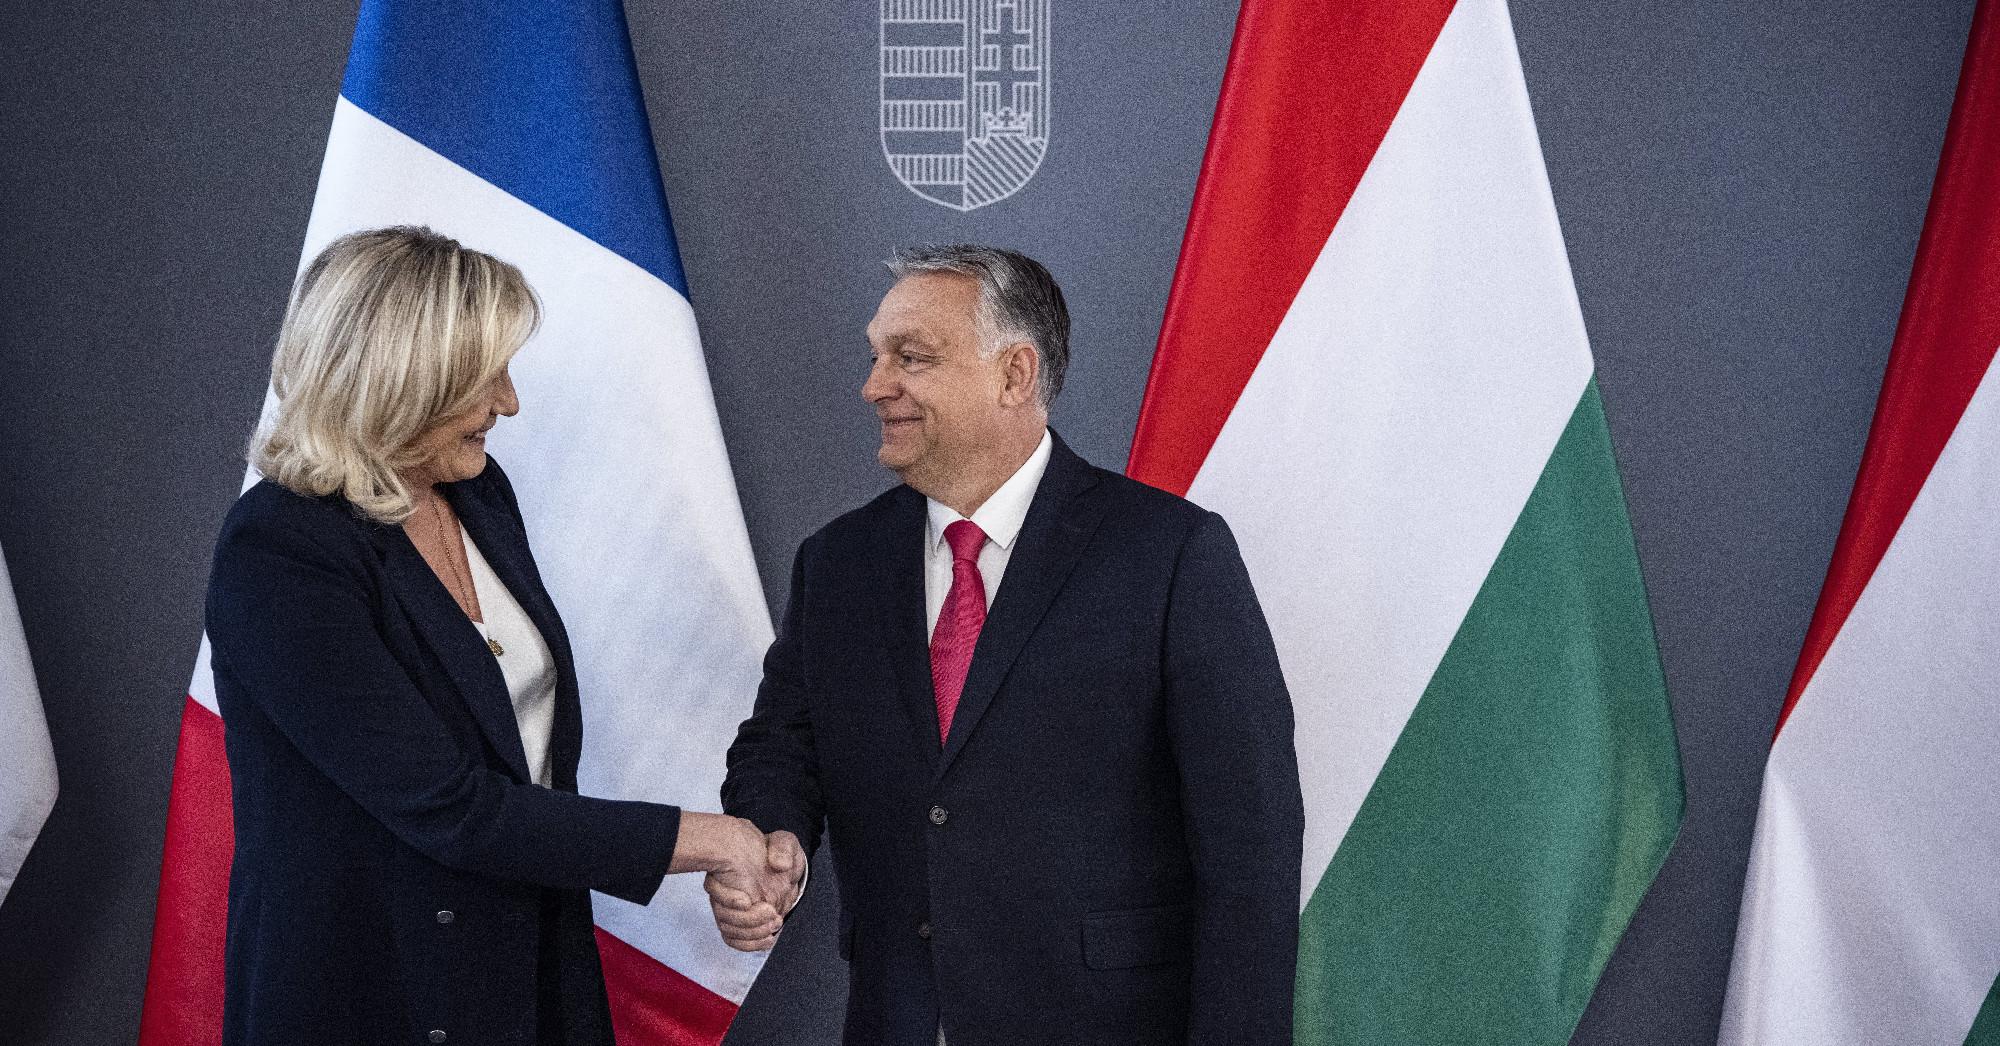 Az EU ideológiai nyomásgyakorlásán szomorkodott Orbán a francia szélsőjobb vezetőjével